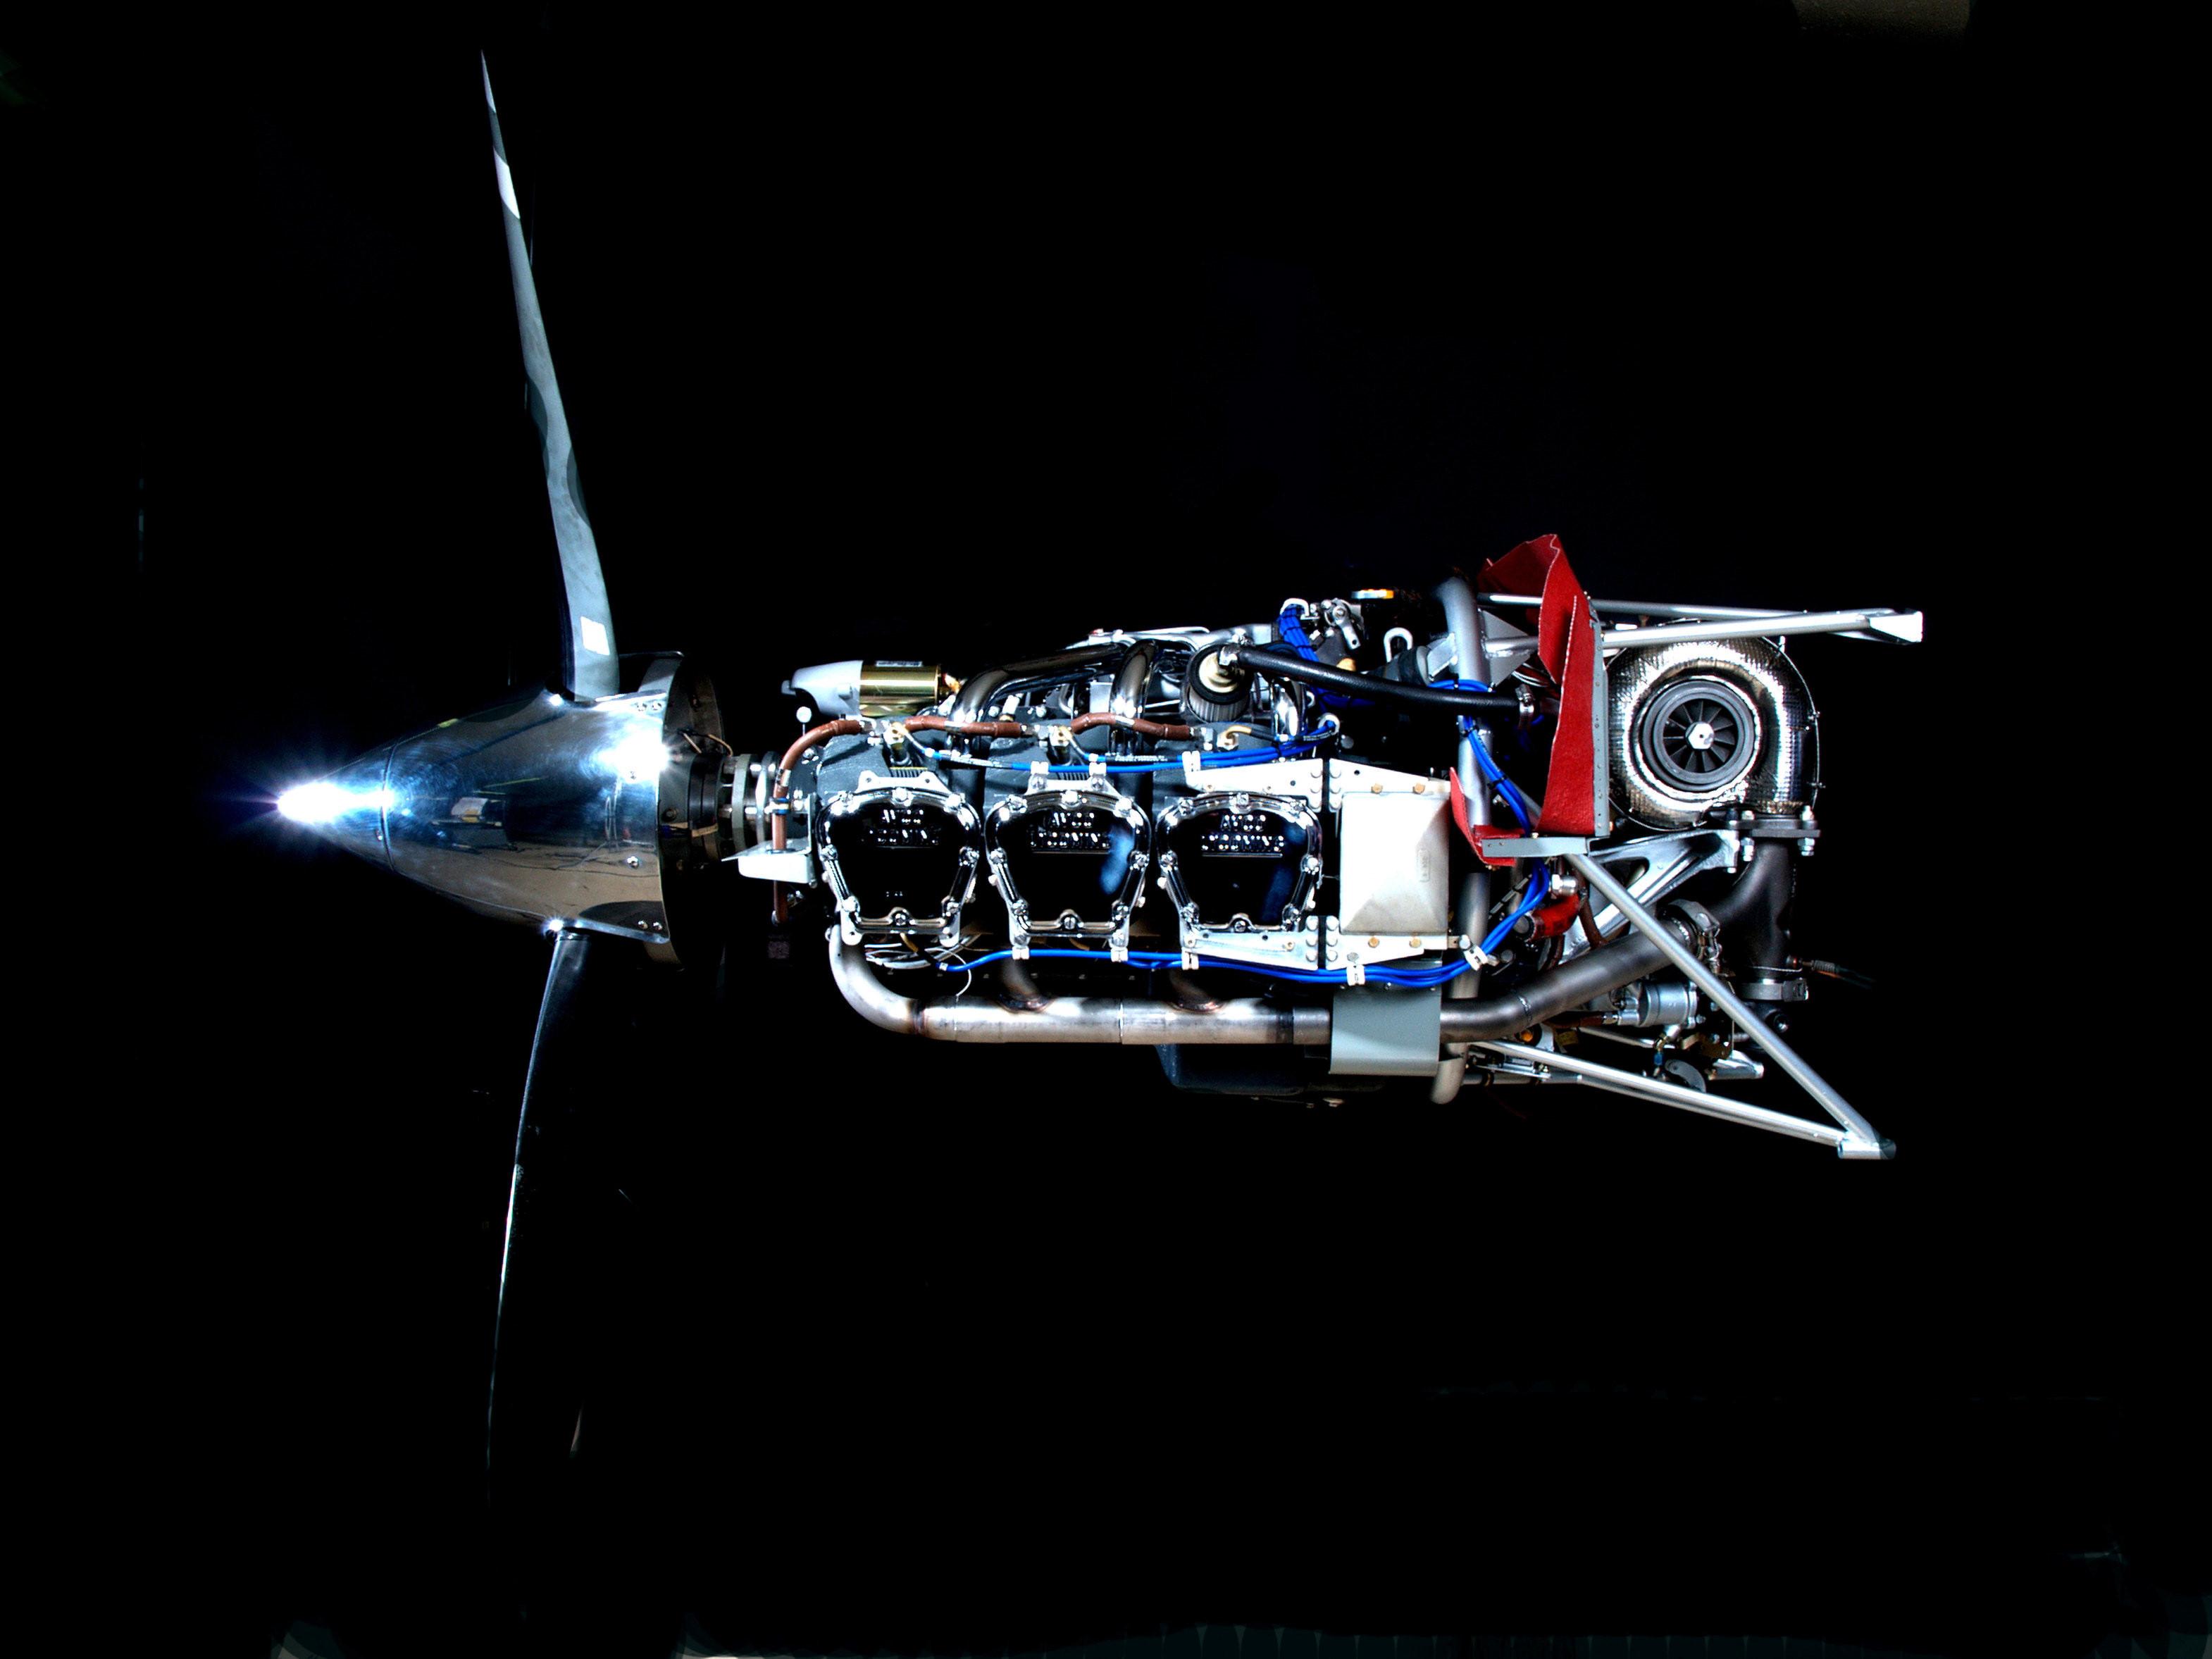 мотор ревет загрузить